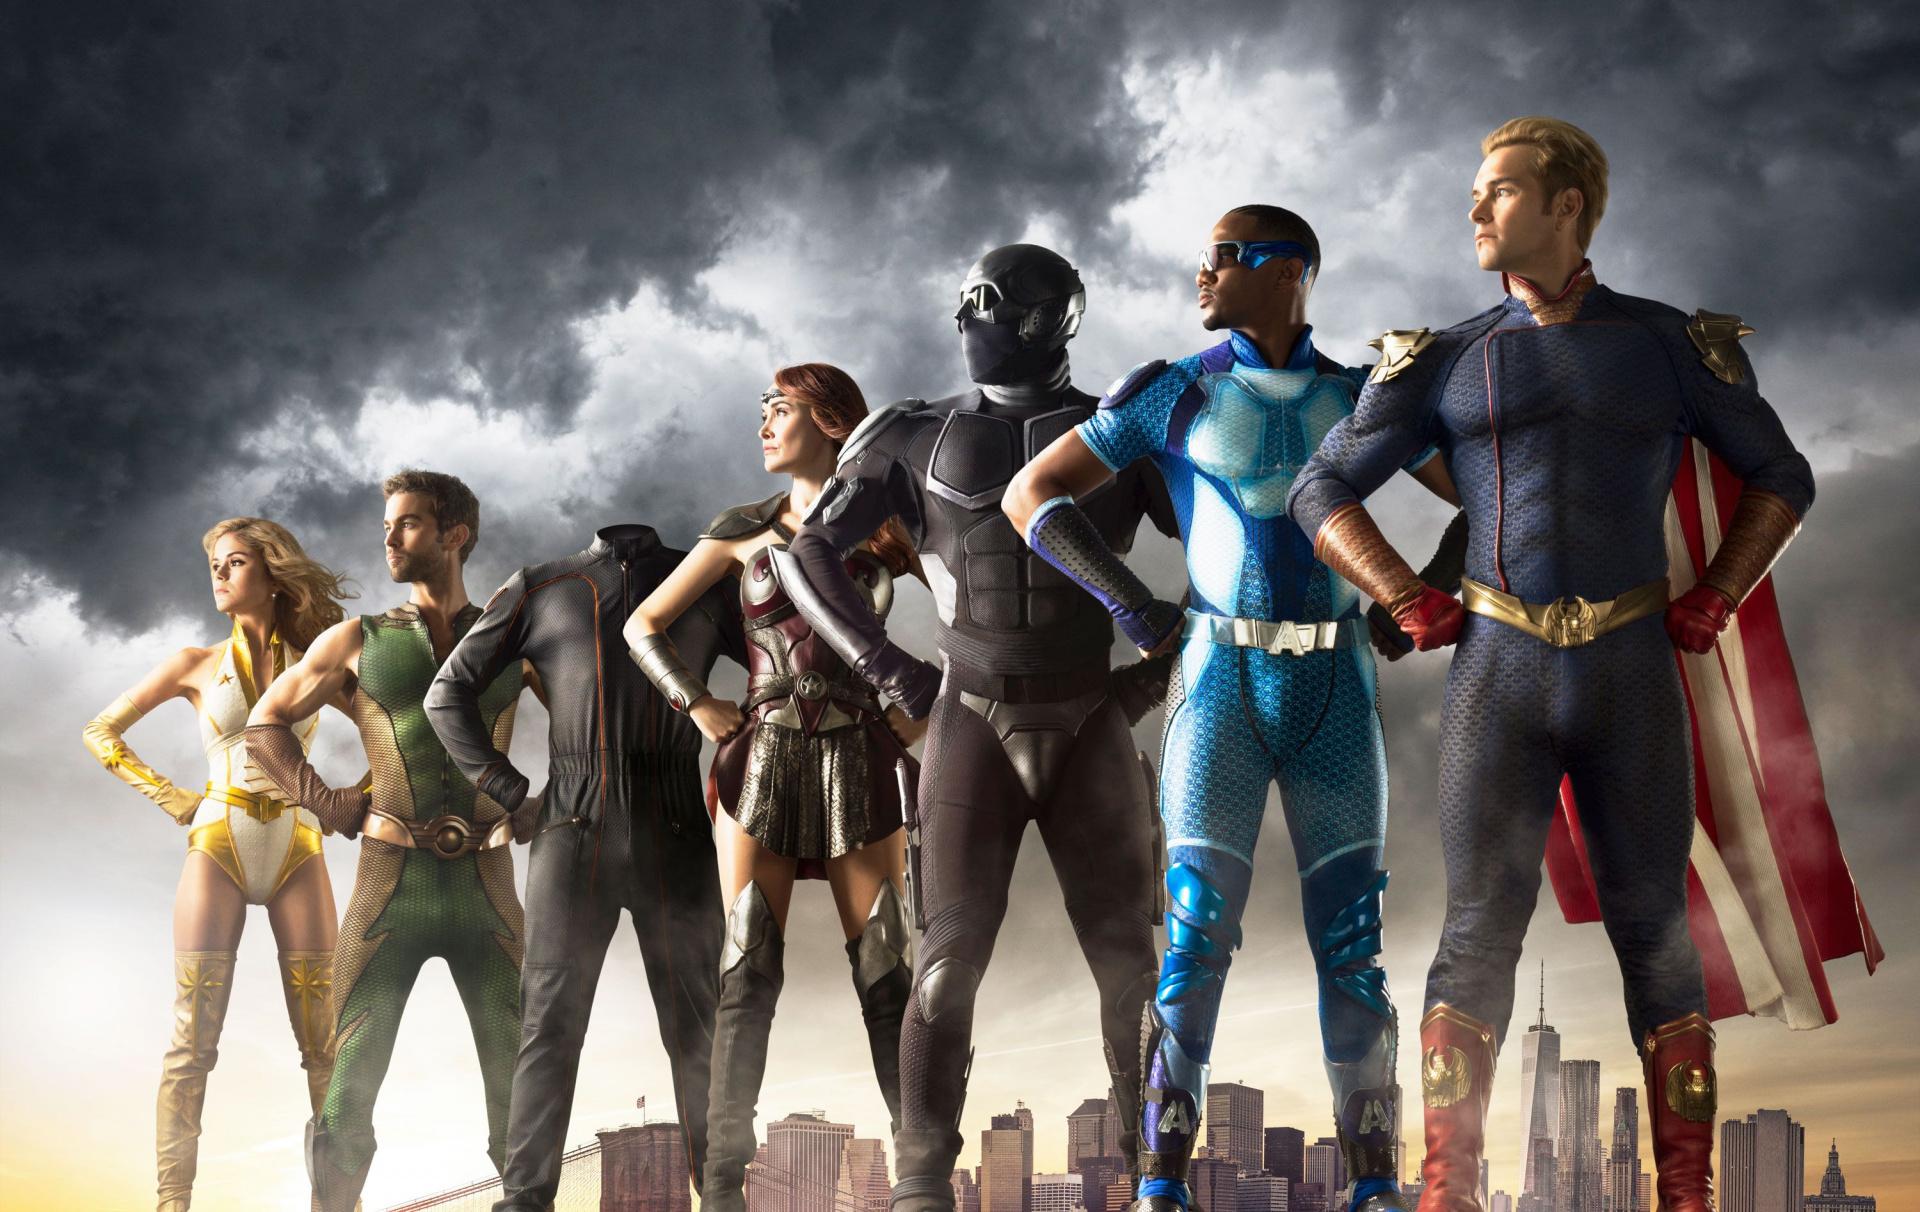 Второй сезон «Пацанов» стартует на Amazon4 сентября